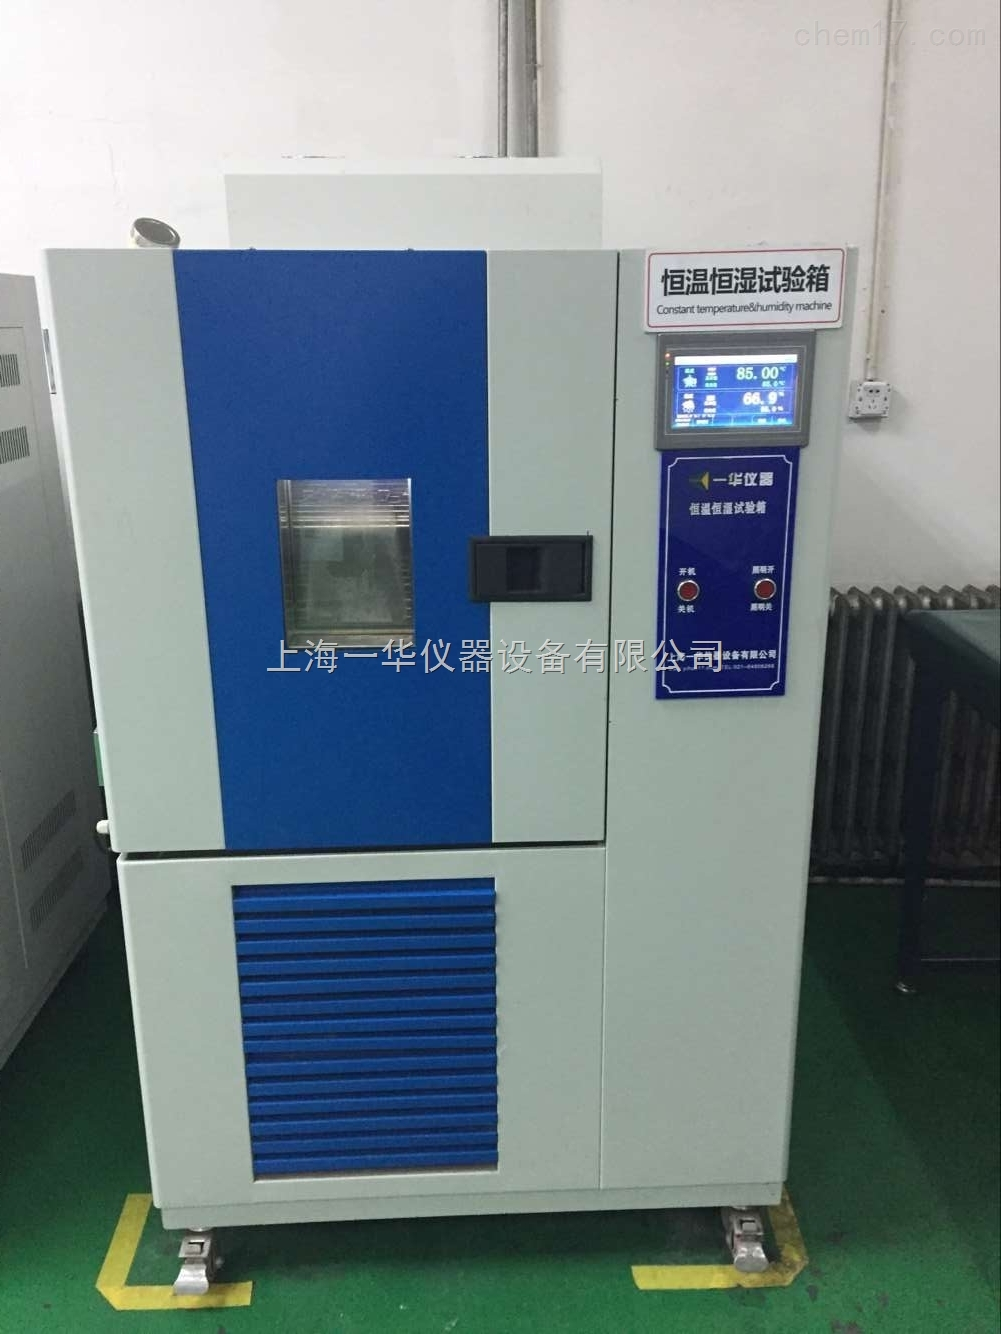 低温试验箱、低温试验箱厂家、低温试验箱品牌